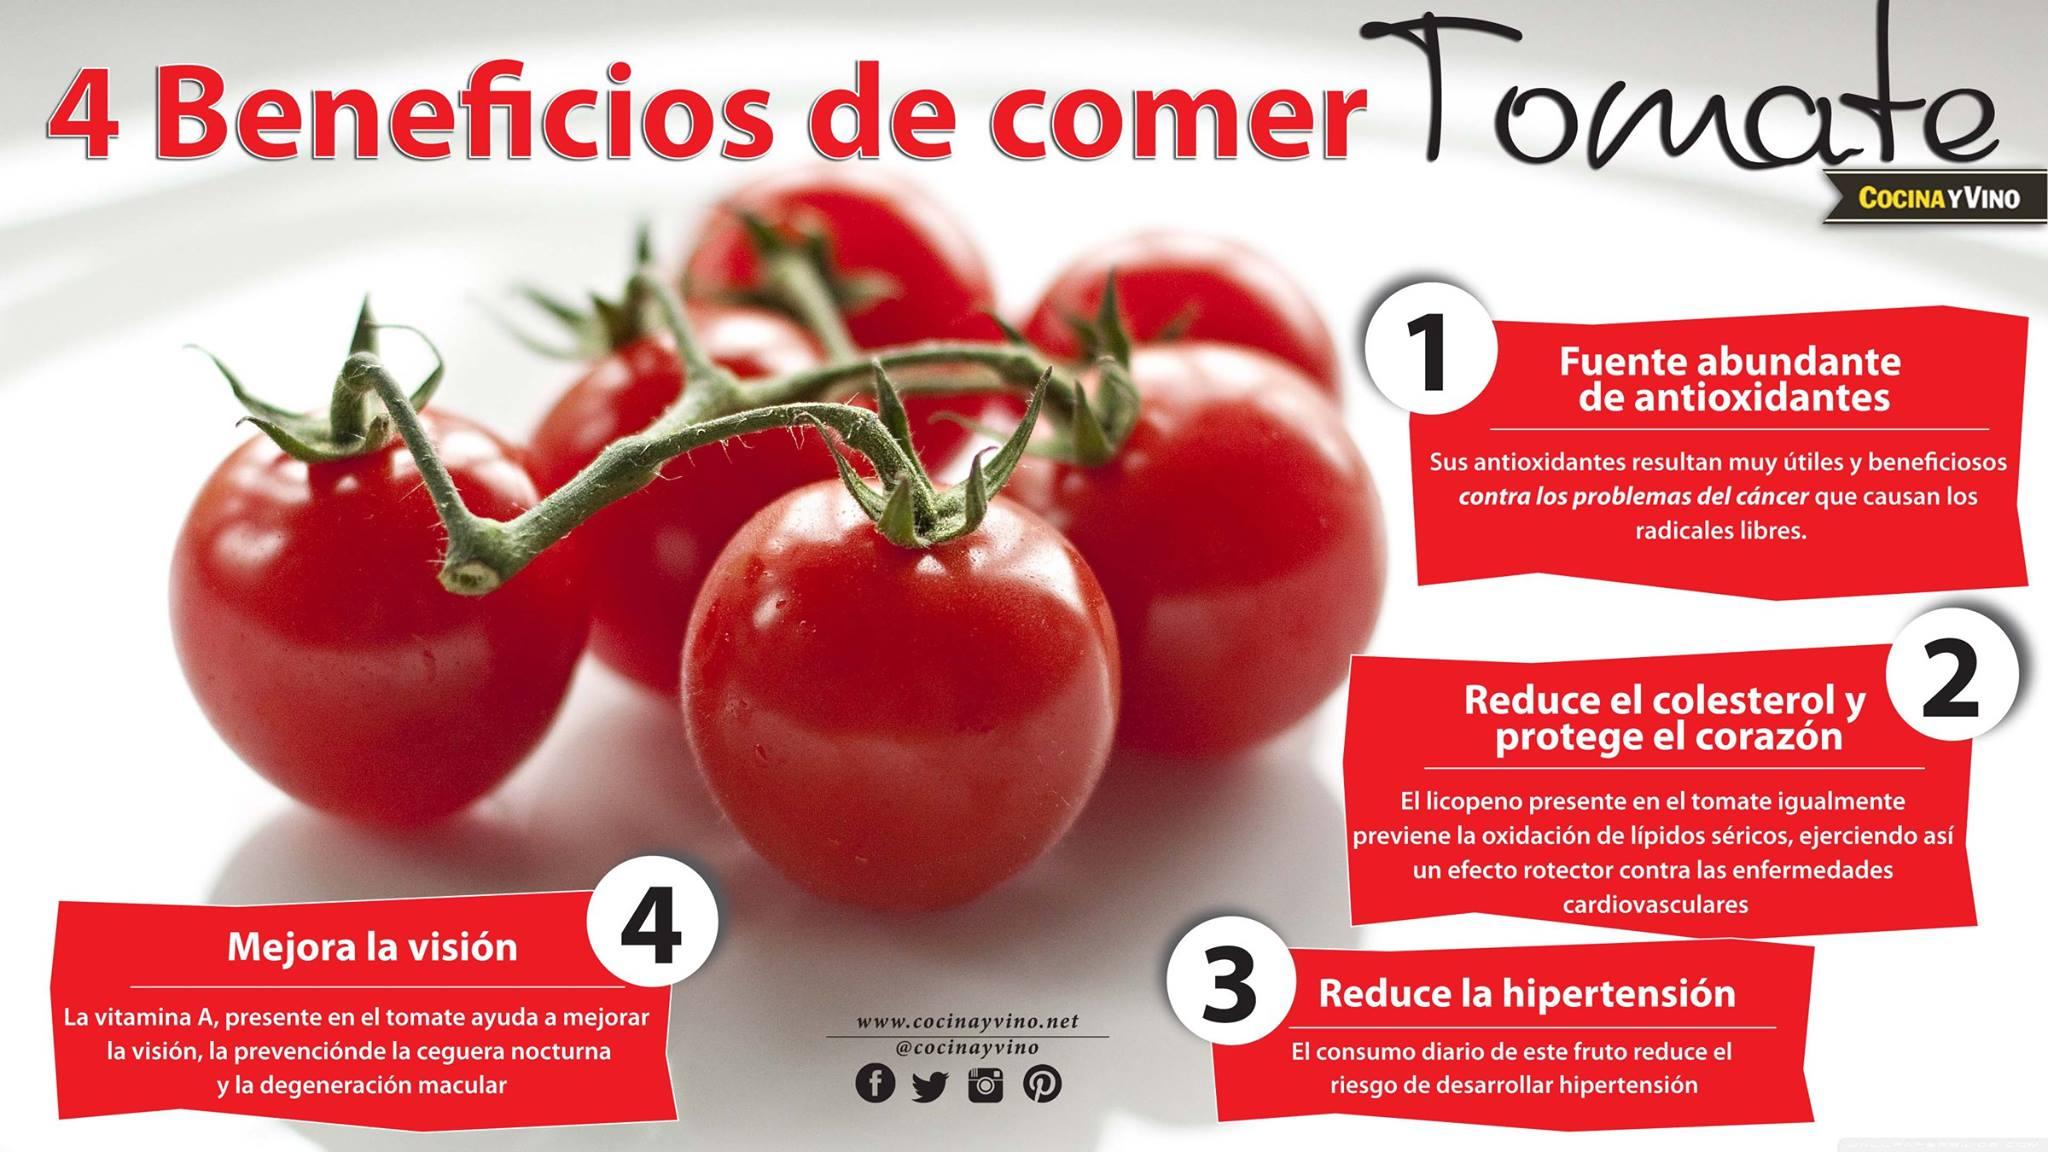 Infografía sobre los beneficios de comer tomate.